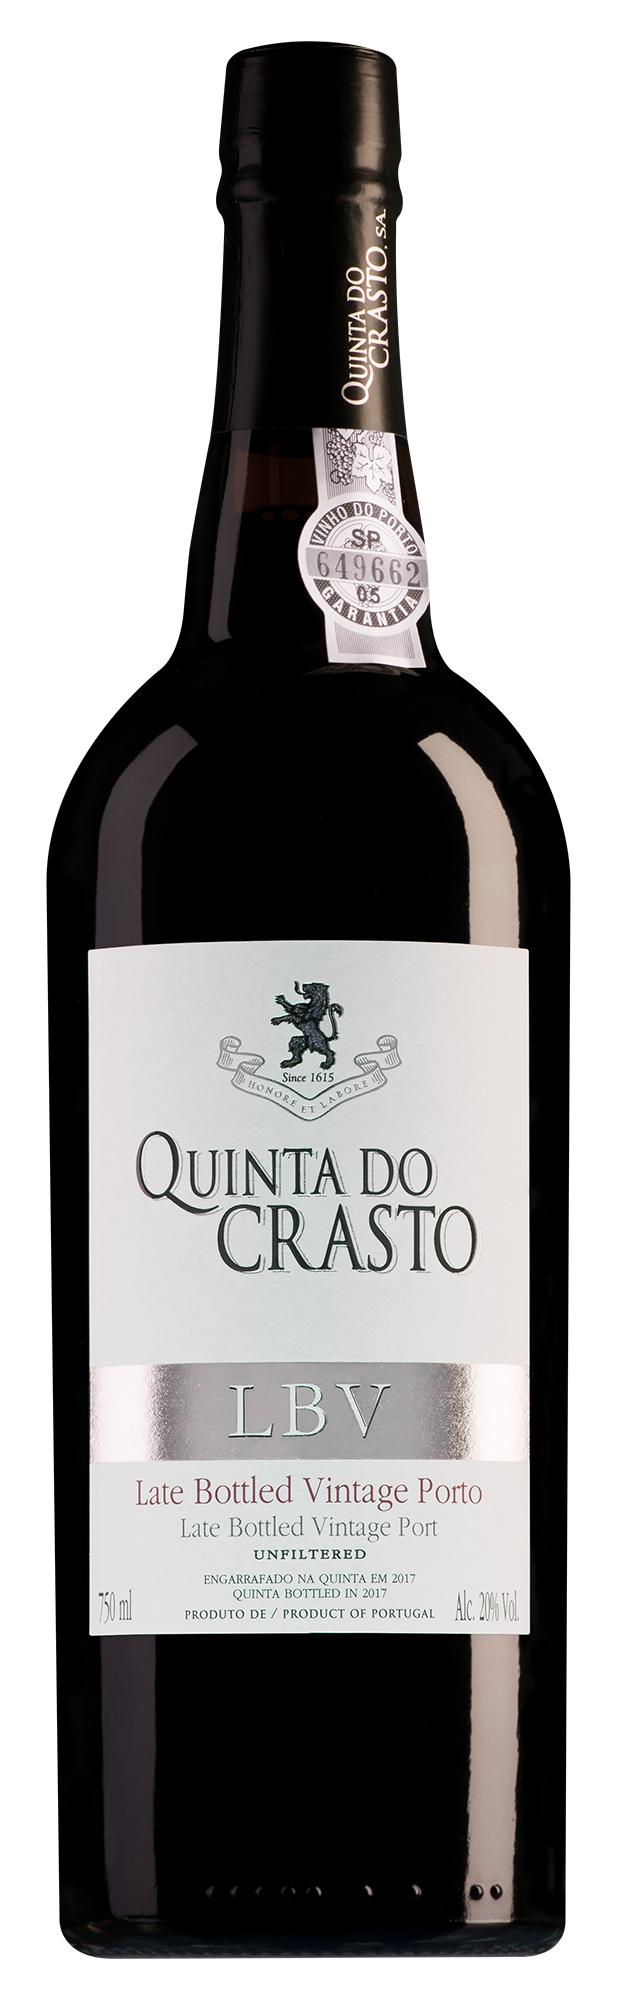 Quinta do Crasto Late Bottled Vintage Port